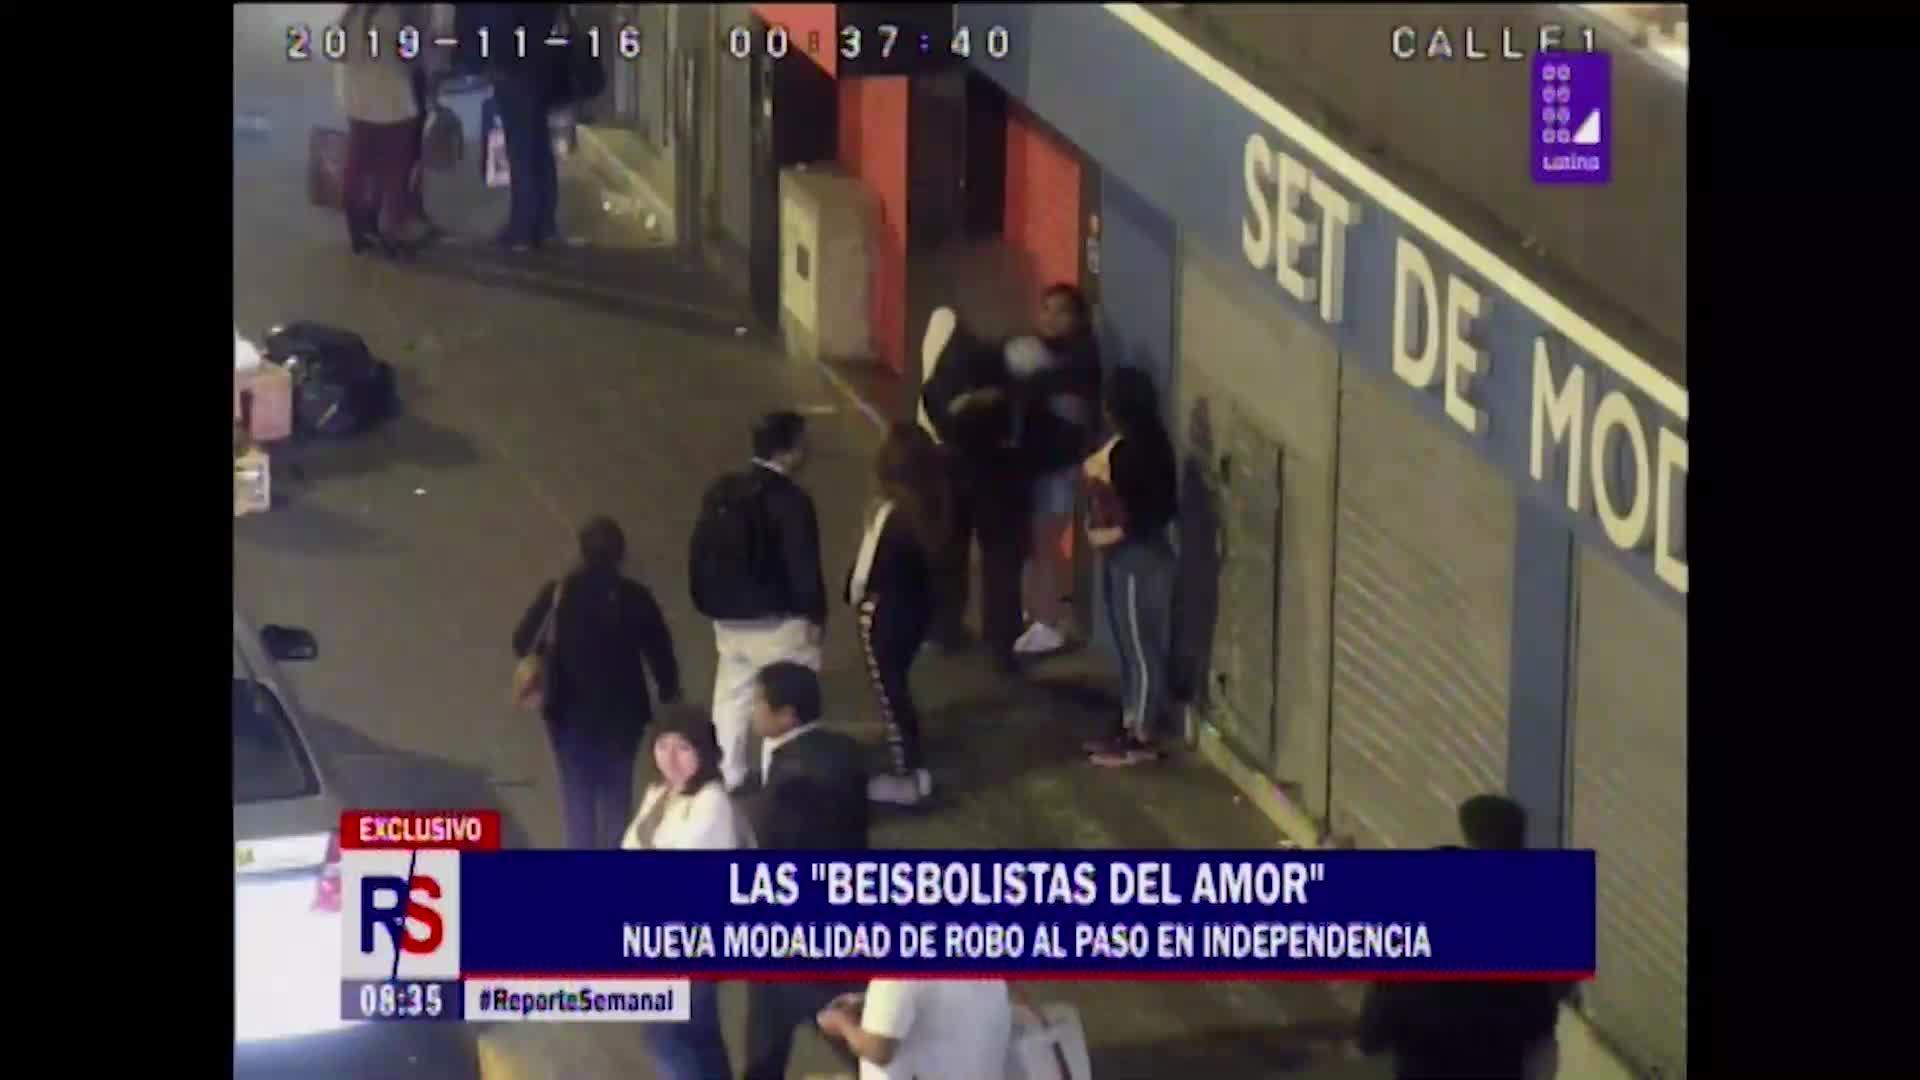 ¡A tener cuidado! 'Las beisbolistas del amor' distraen a sus víctimas con encantos para robar billeteras y celulares - Diario Perú21